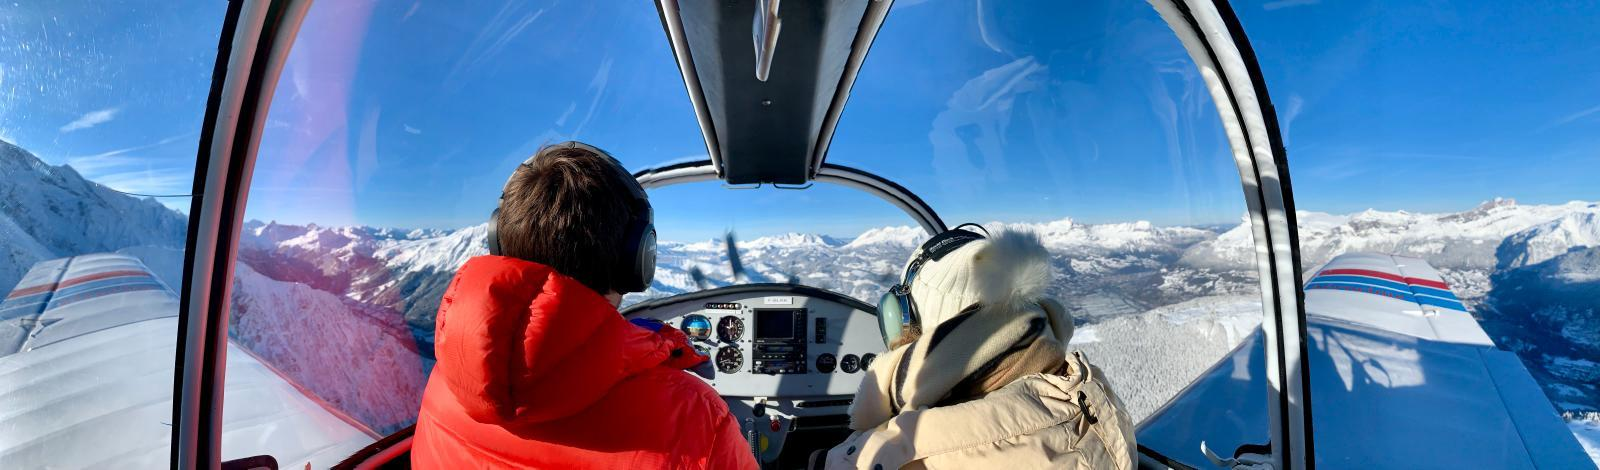 Les métiers de l'aéronautique : Zoom sur le métier de Pilote